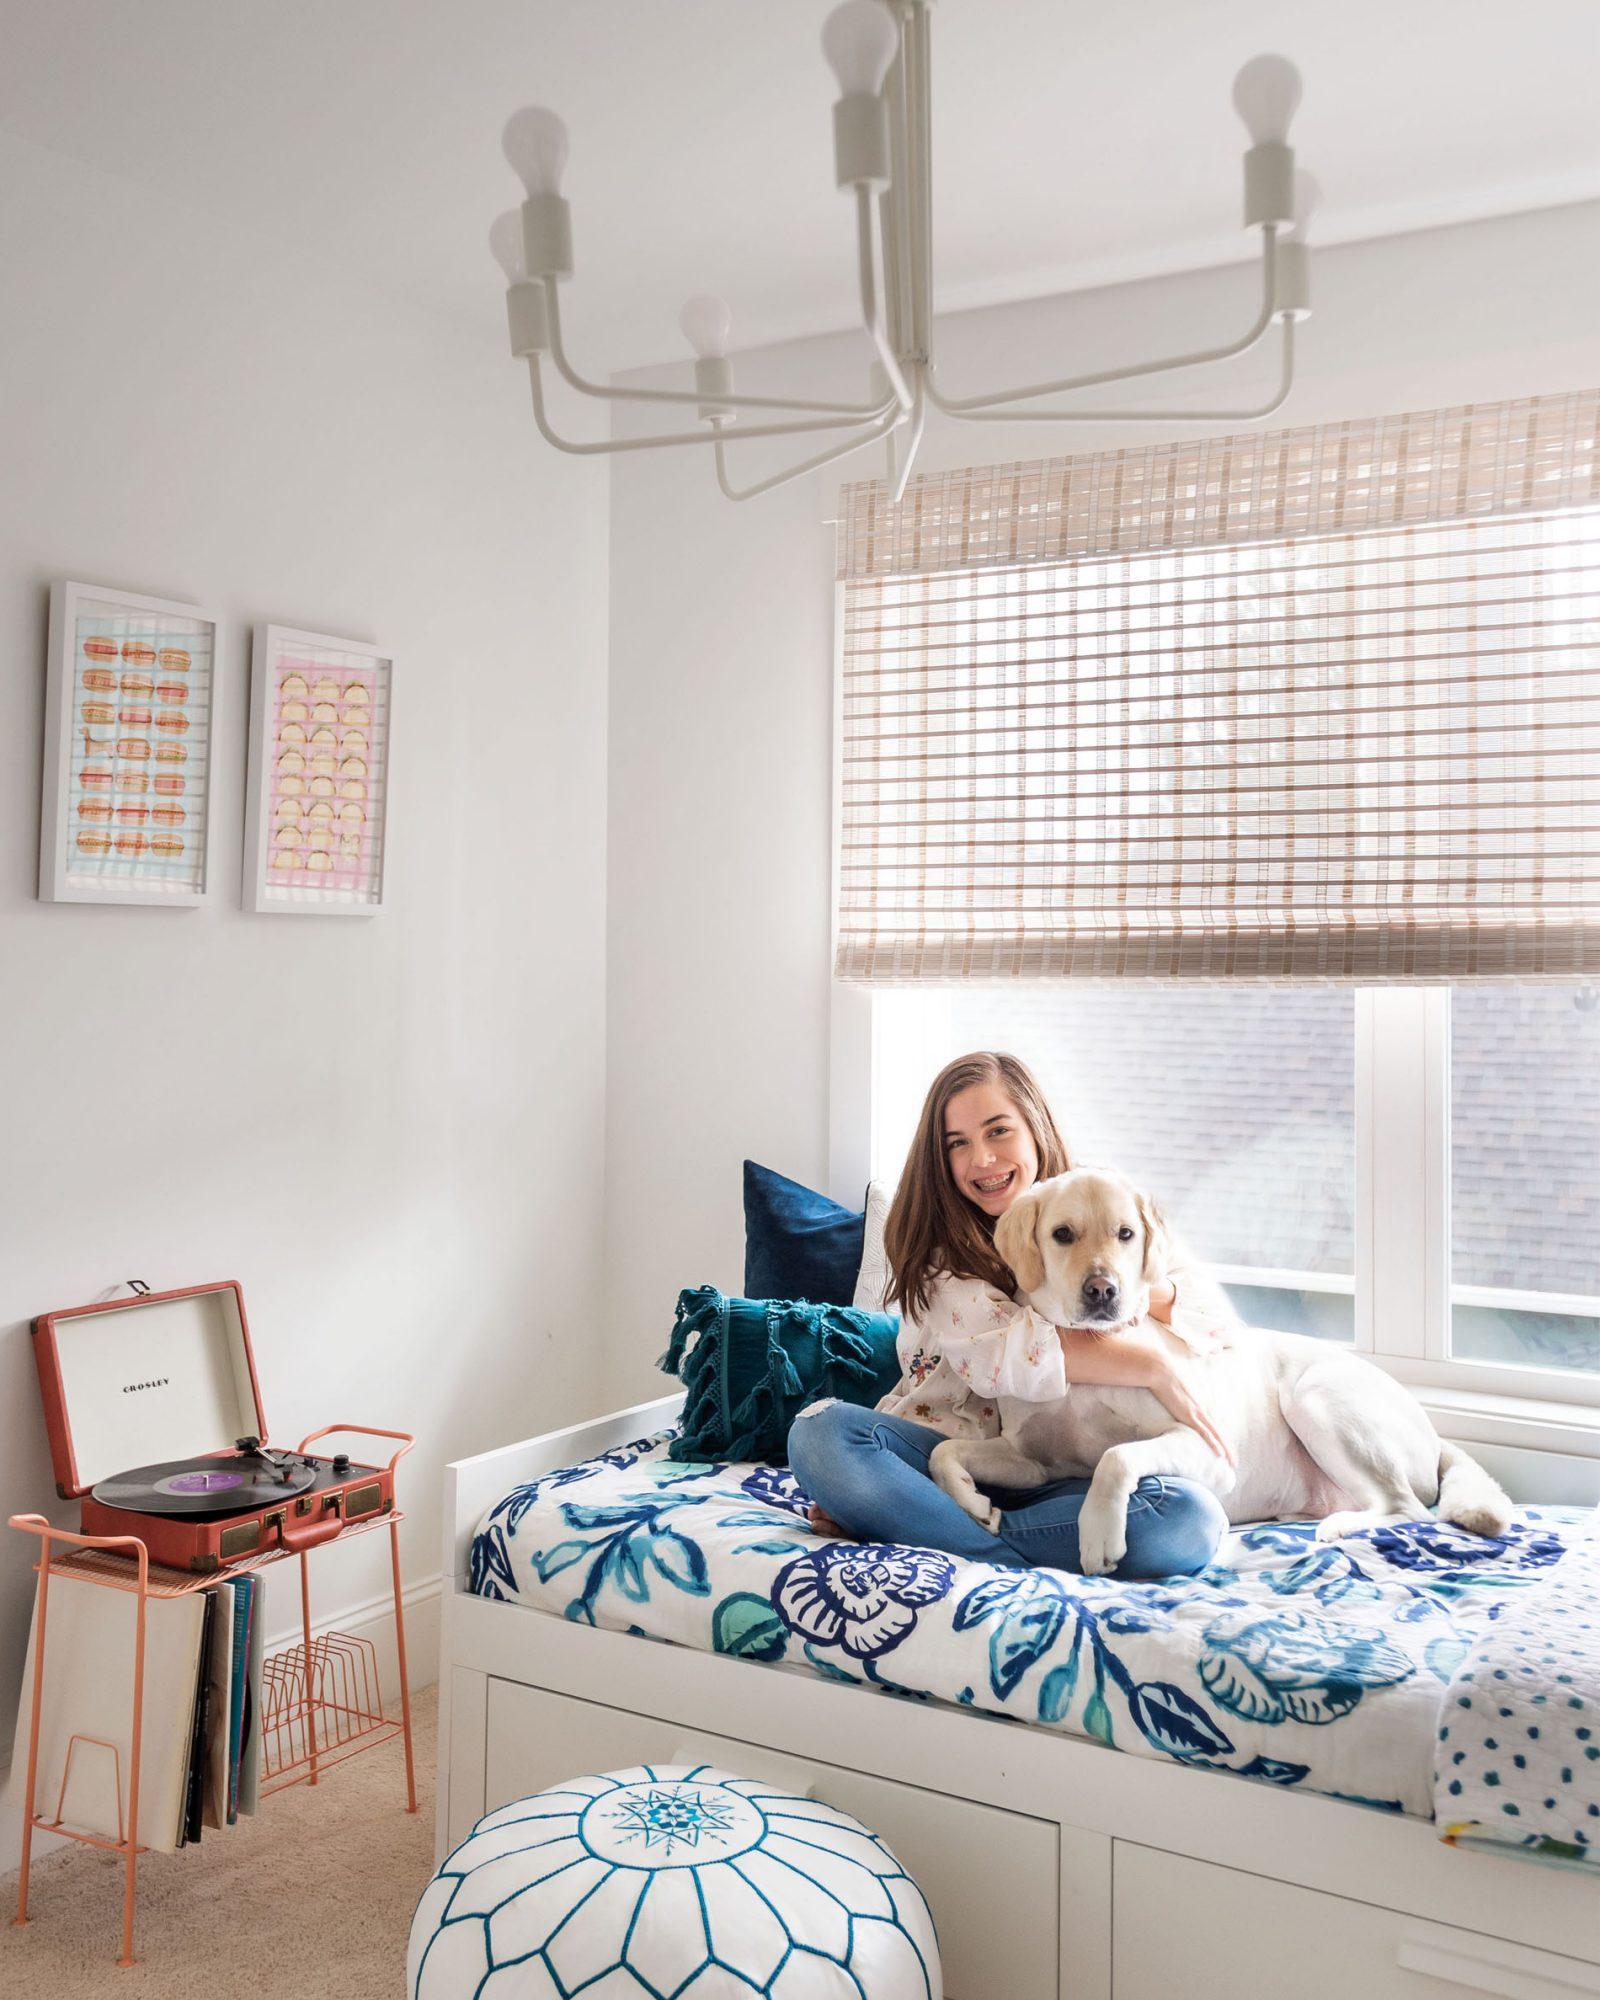 girl sitting on bed hugging dog